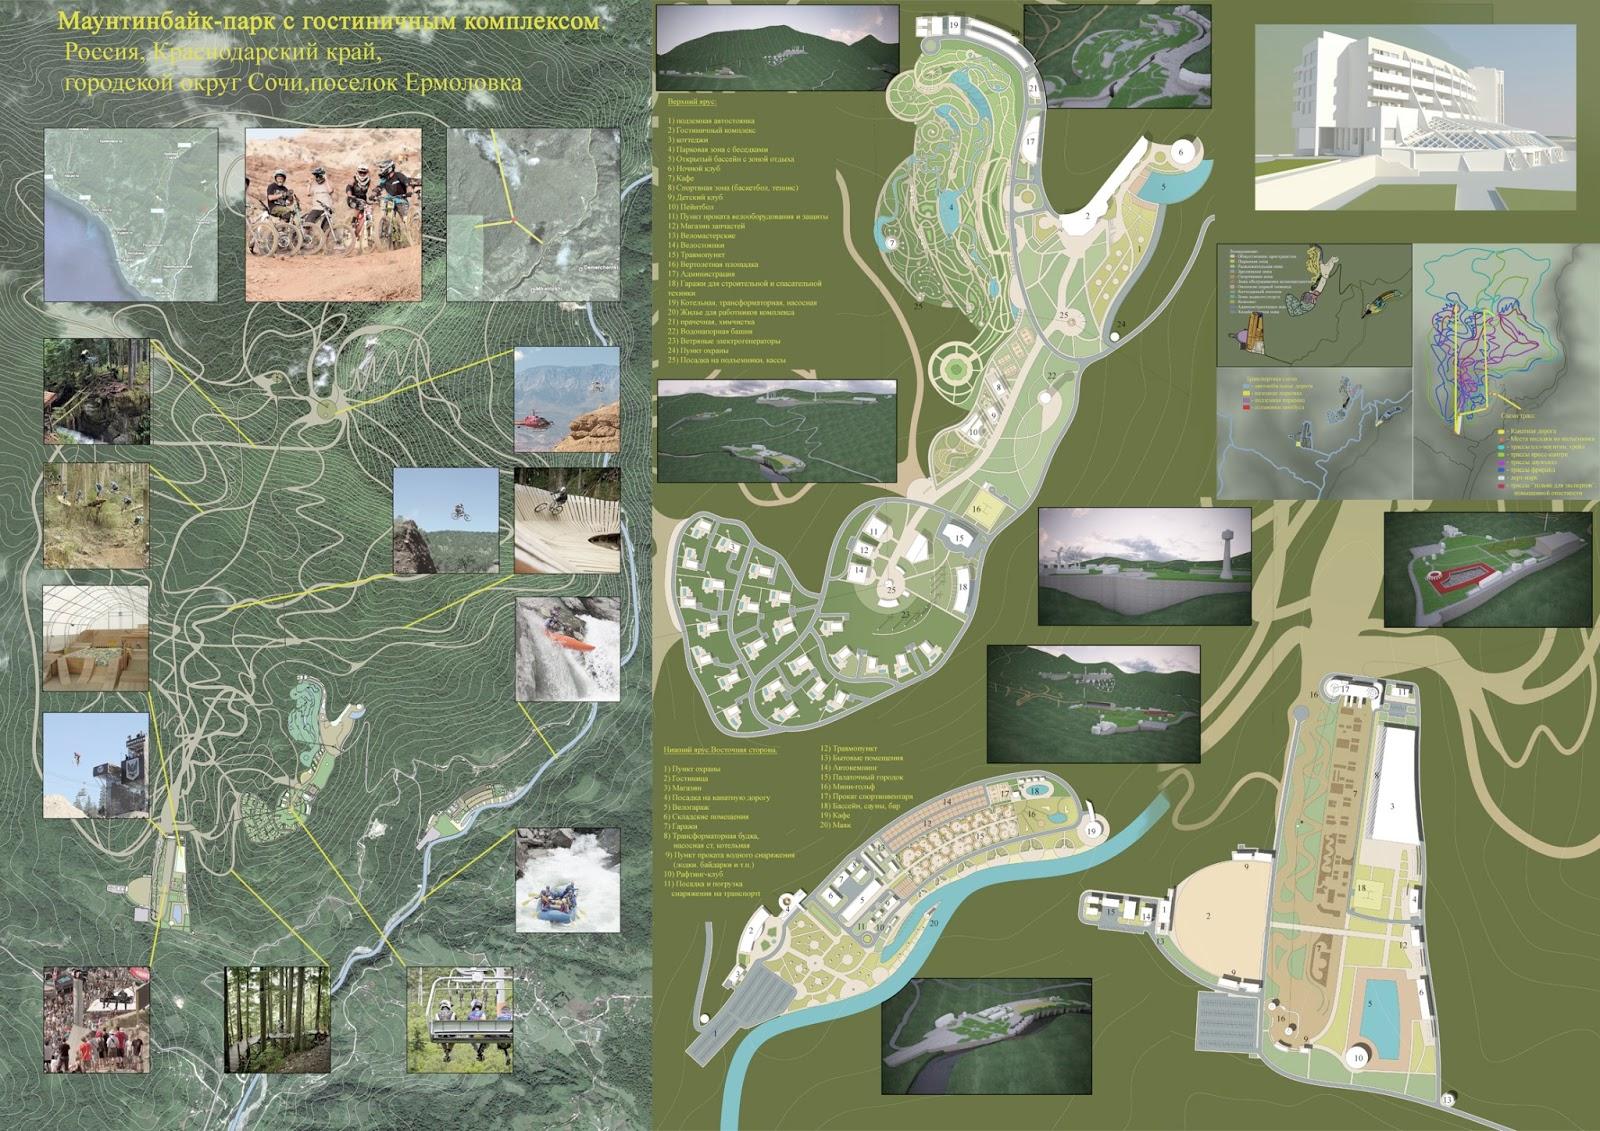 lychtown projects Маунтинбайк парк с гостиничным комплексом Дипломный проект 2012 год